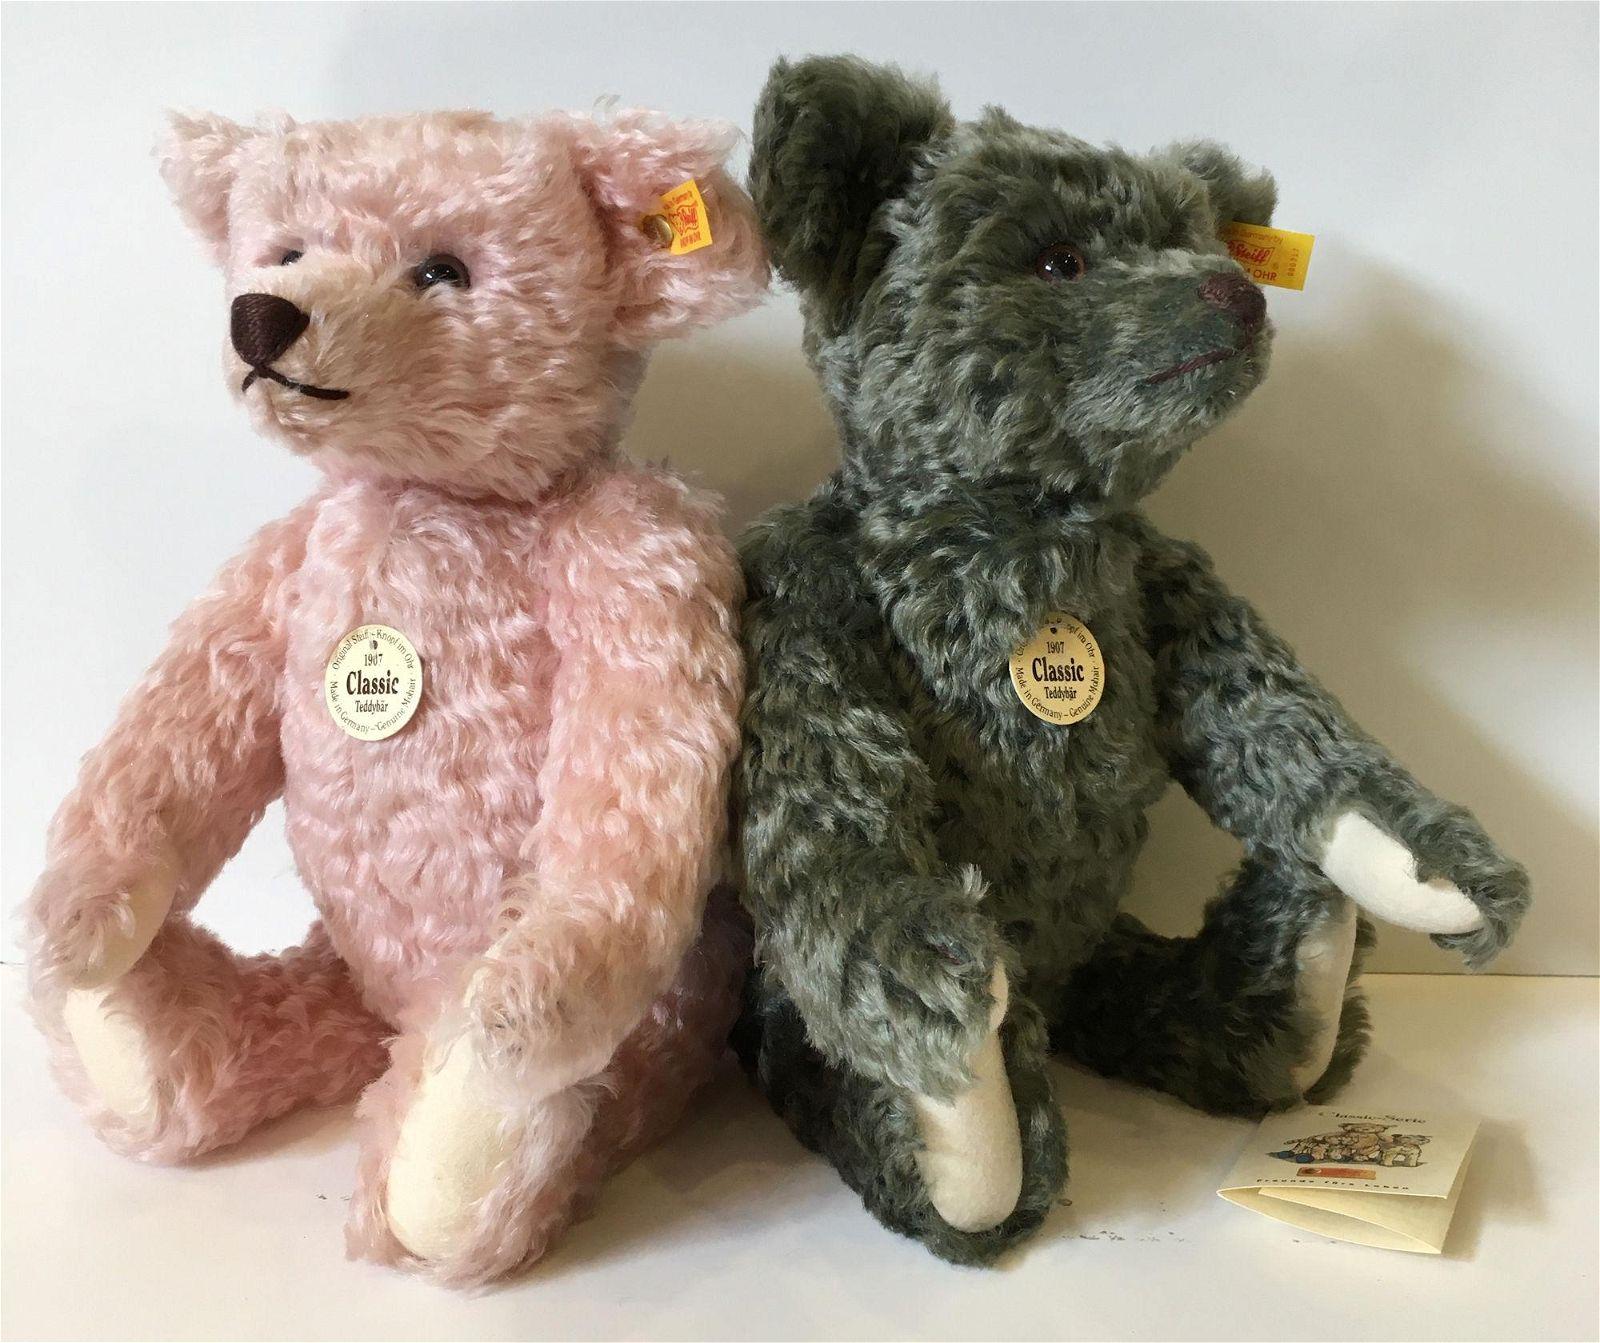 """(2) 14"""" 1907 STEIFF CLASSIC TEDDY BEARS. INCLUDES LODEN"""